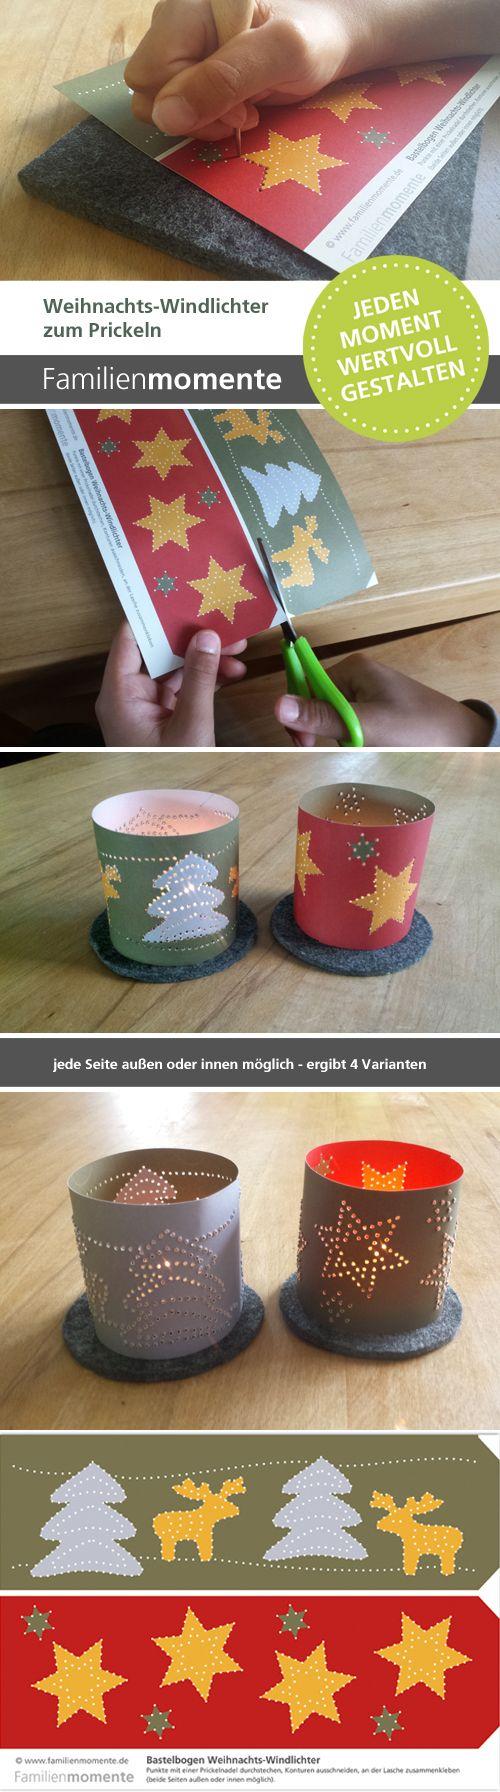 Weihnachts-Windlichter zum Prickeln - eine schöne Deko für die Weihnachtszeit. Bastelbogen vorne mehrfarbig, hinten einfarbig - ergibt 4 verschiedene Windlichter.